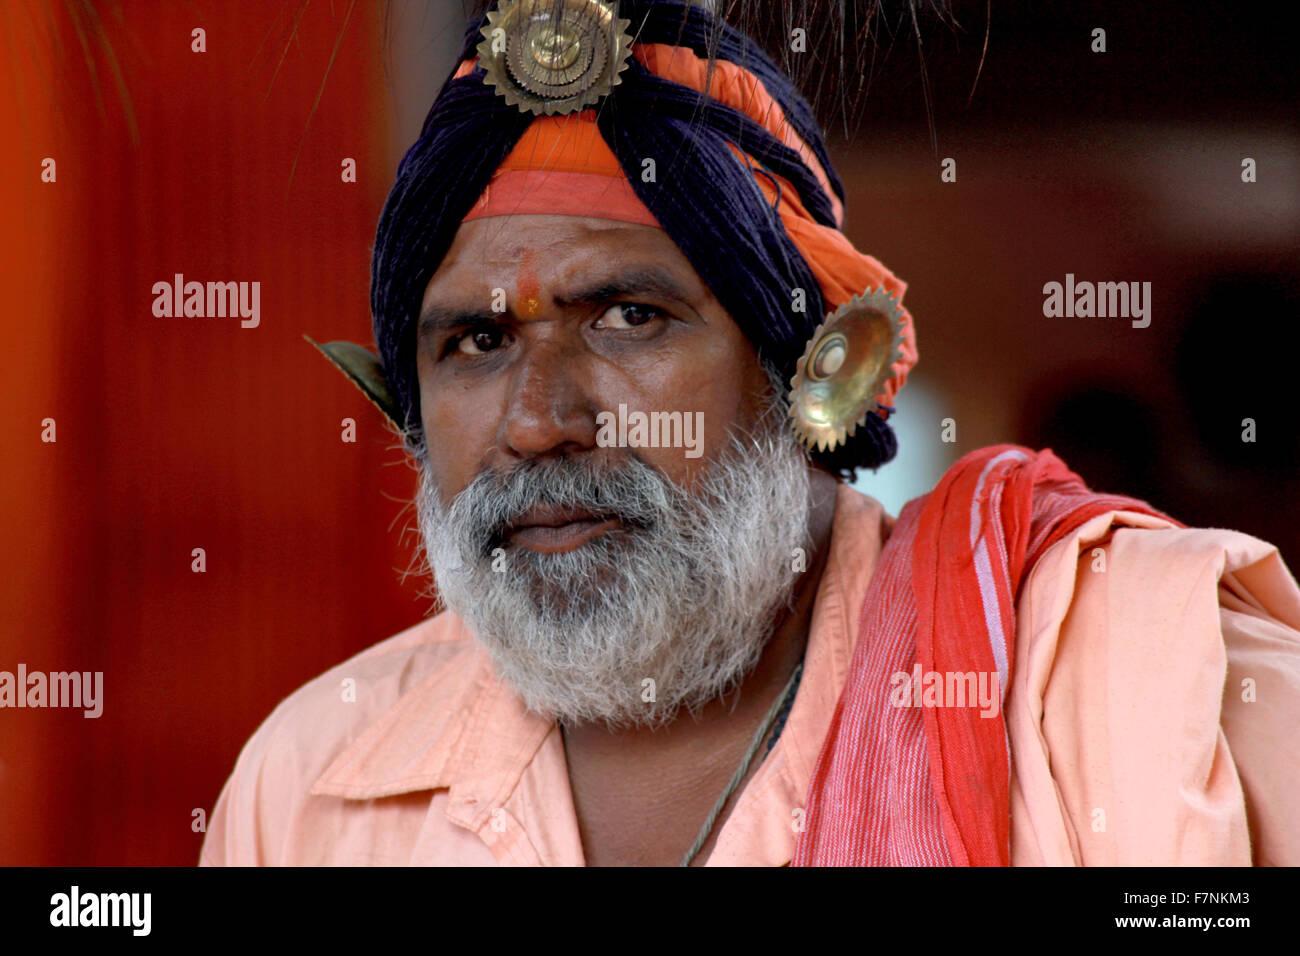 Sadhu, Kumbh Mela, Nasik, Maharashtra, India Stock Photo